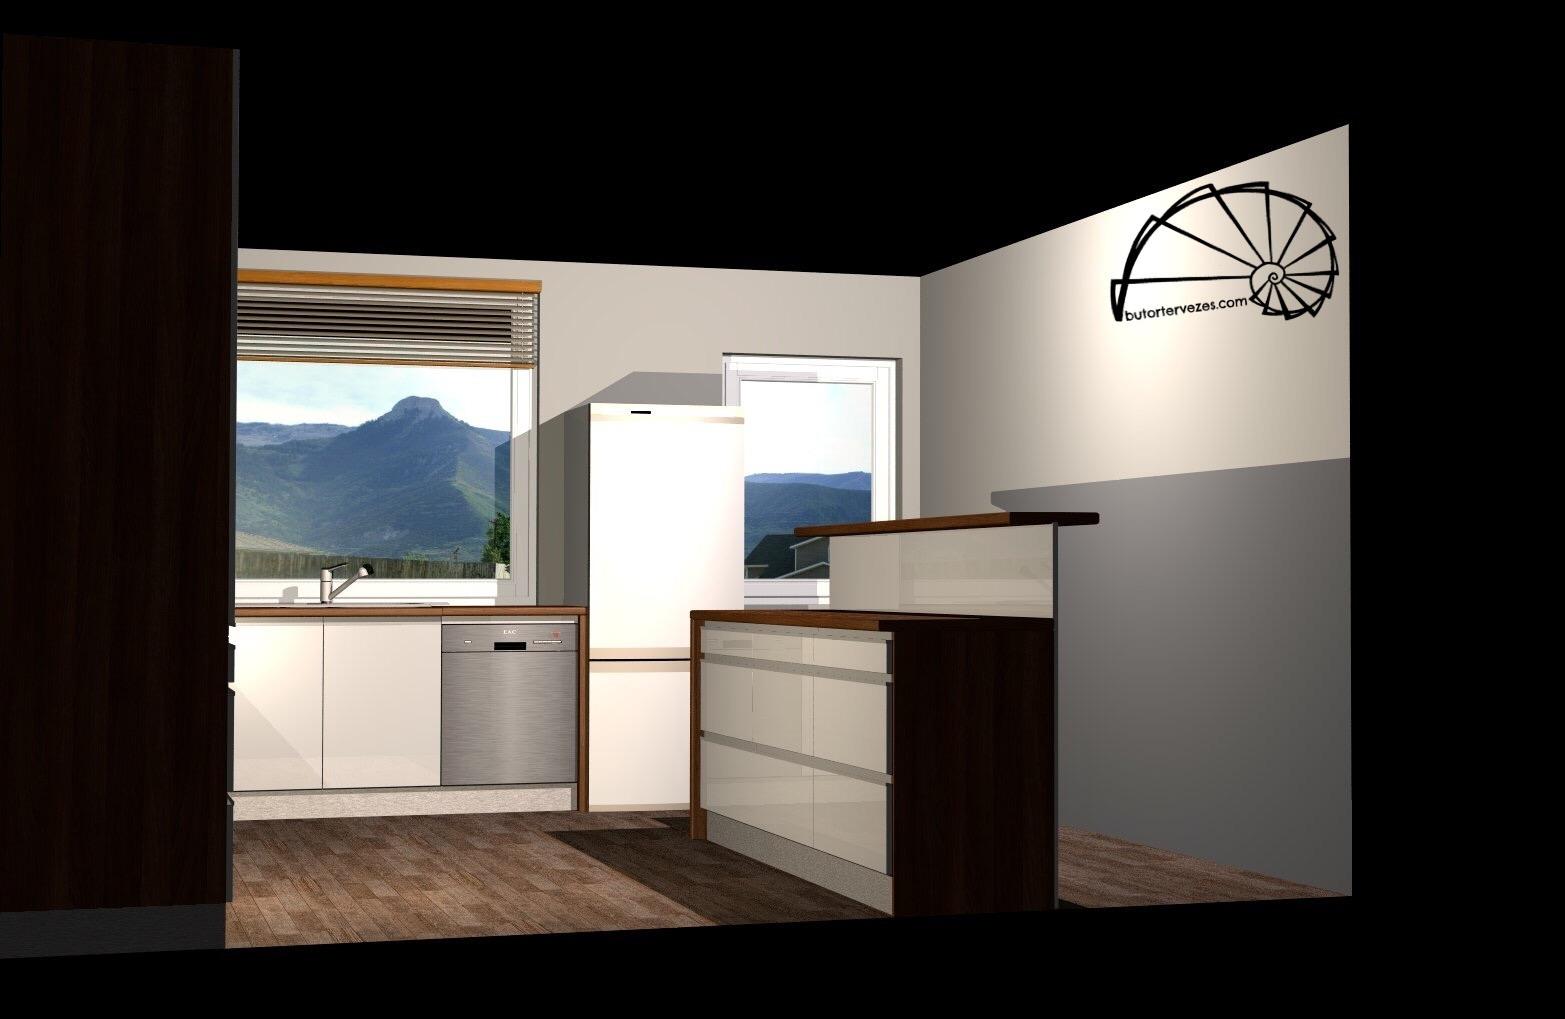 Bútor látványterv, magasfényű konyhabútor, szigettel, élfogantyúval - oldal nézet Bútor látványterv, magasfényű konyhabútor, szigettel, élfogantyúval - sziget belső nézet